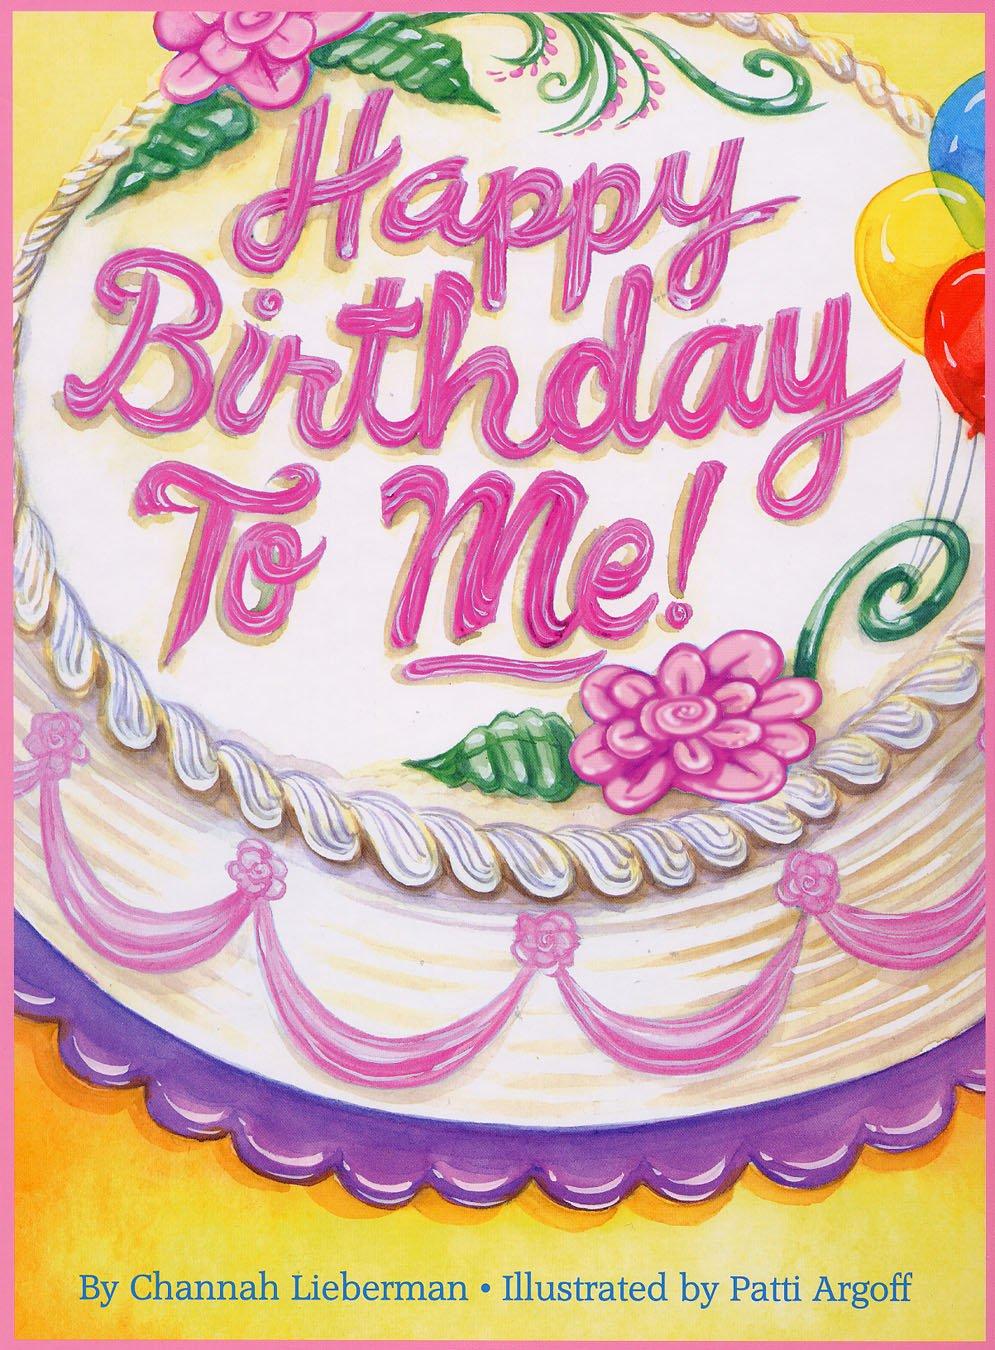 картинка у меня день рождения на английскому спойной ночи